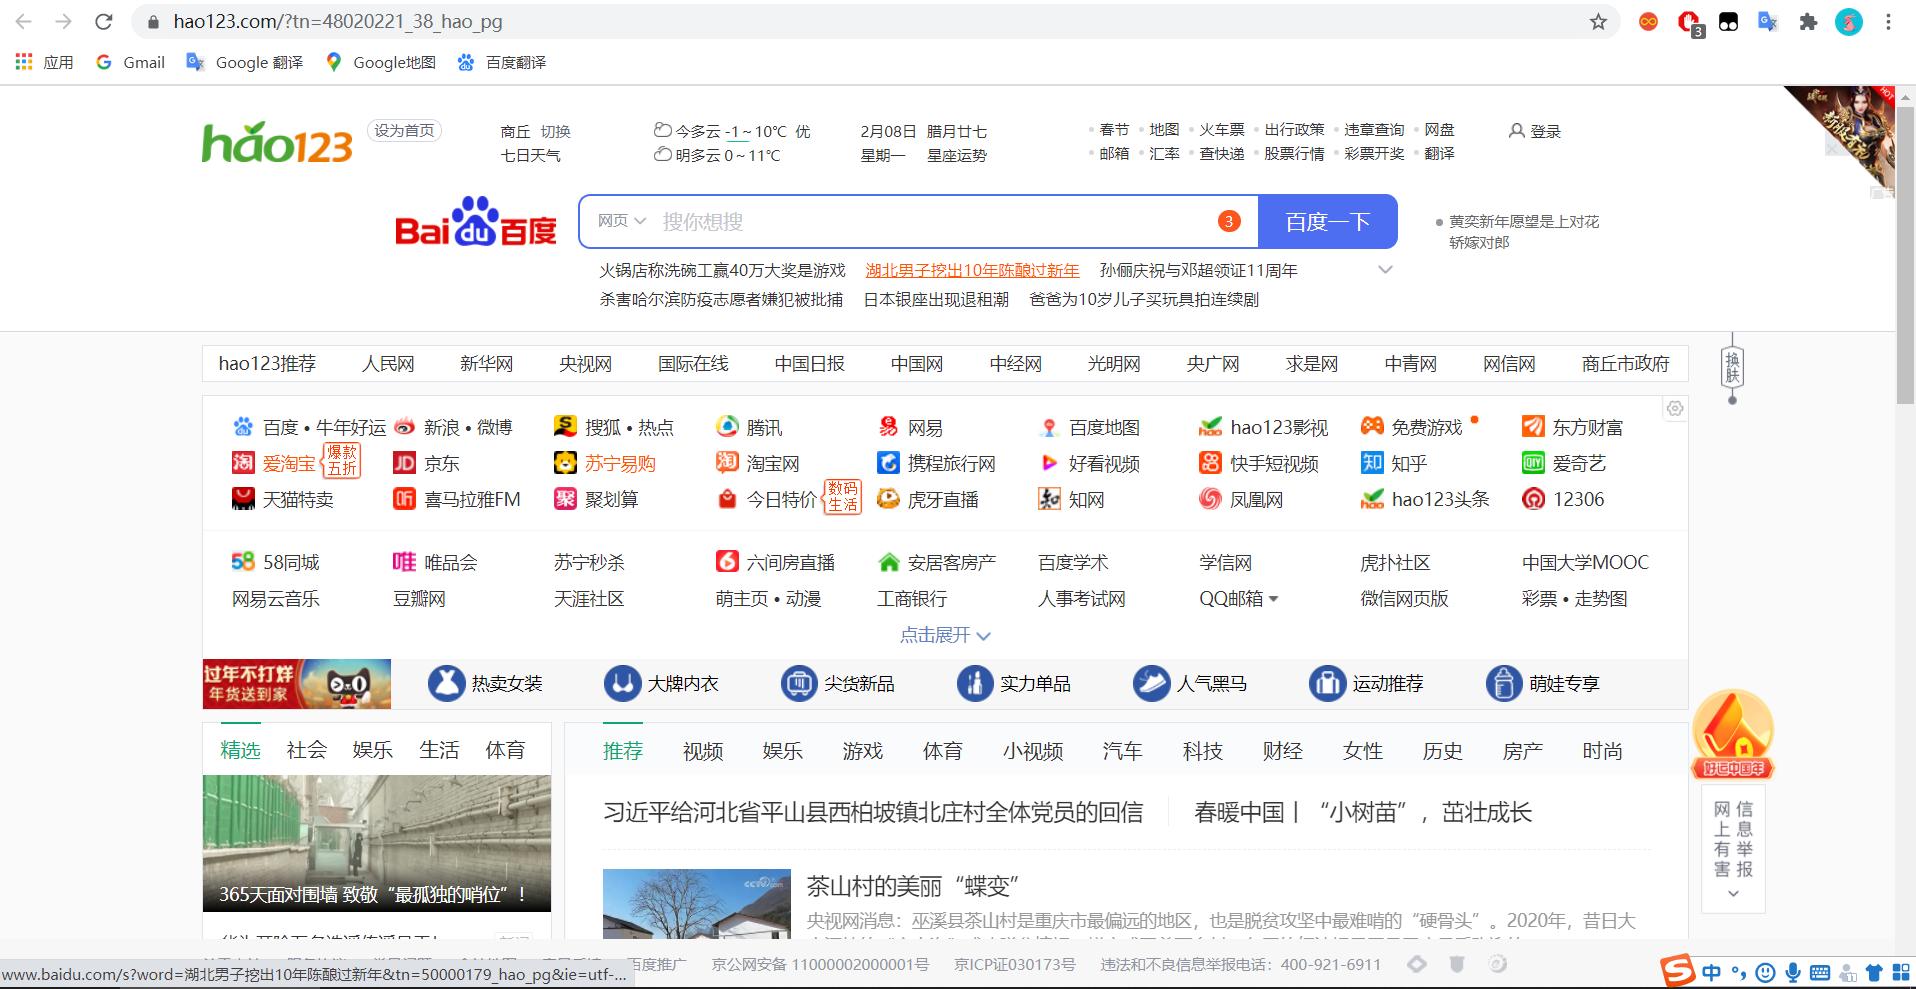 Chrome浏览器主页被hao123篡改